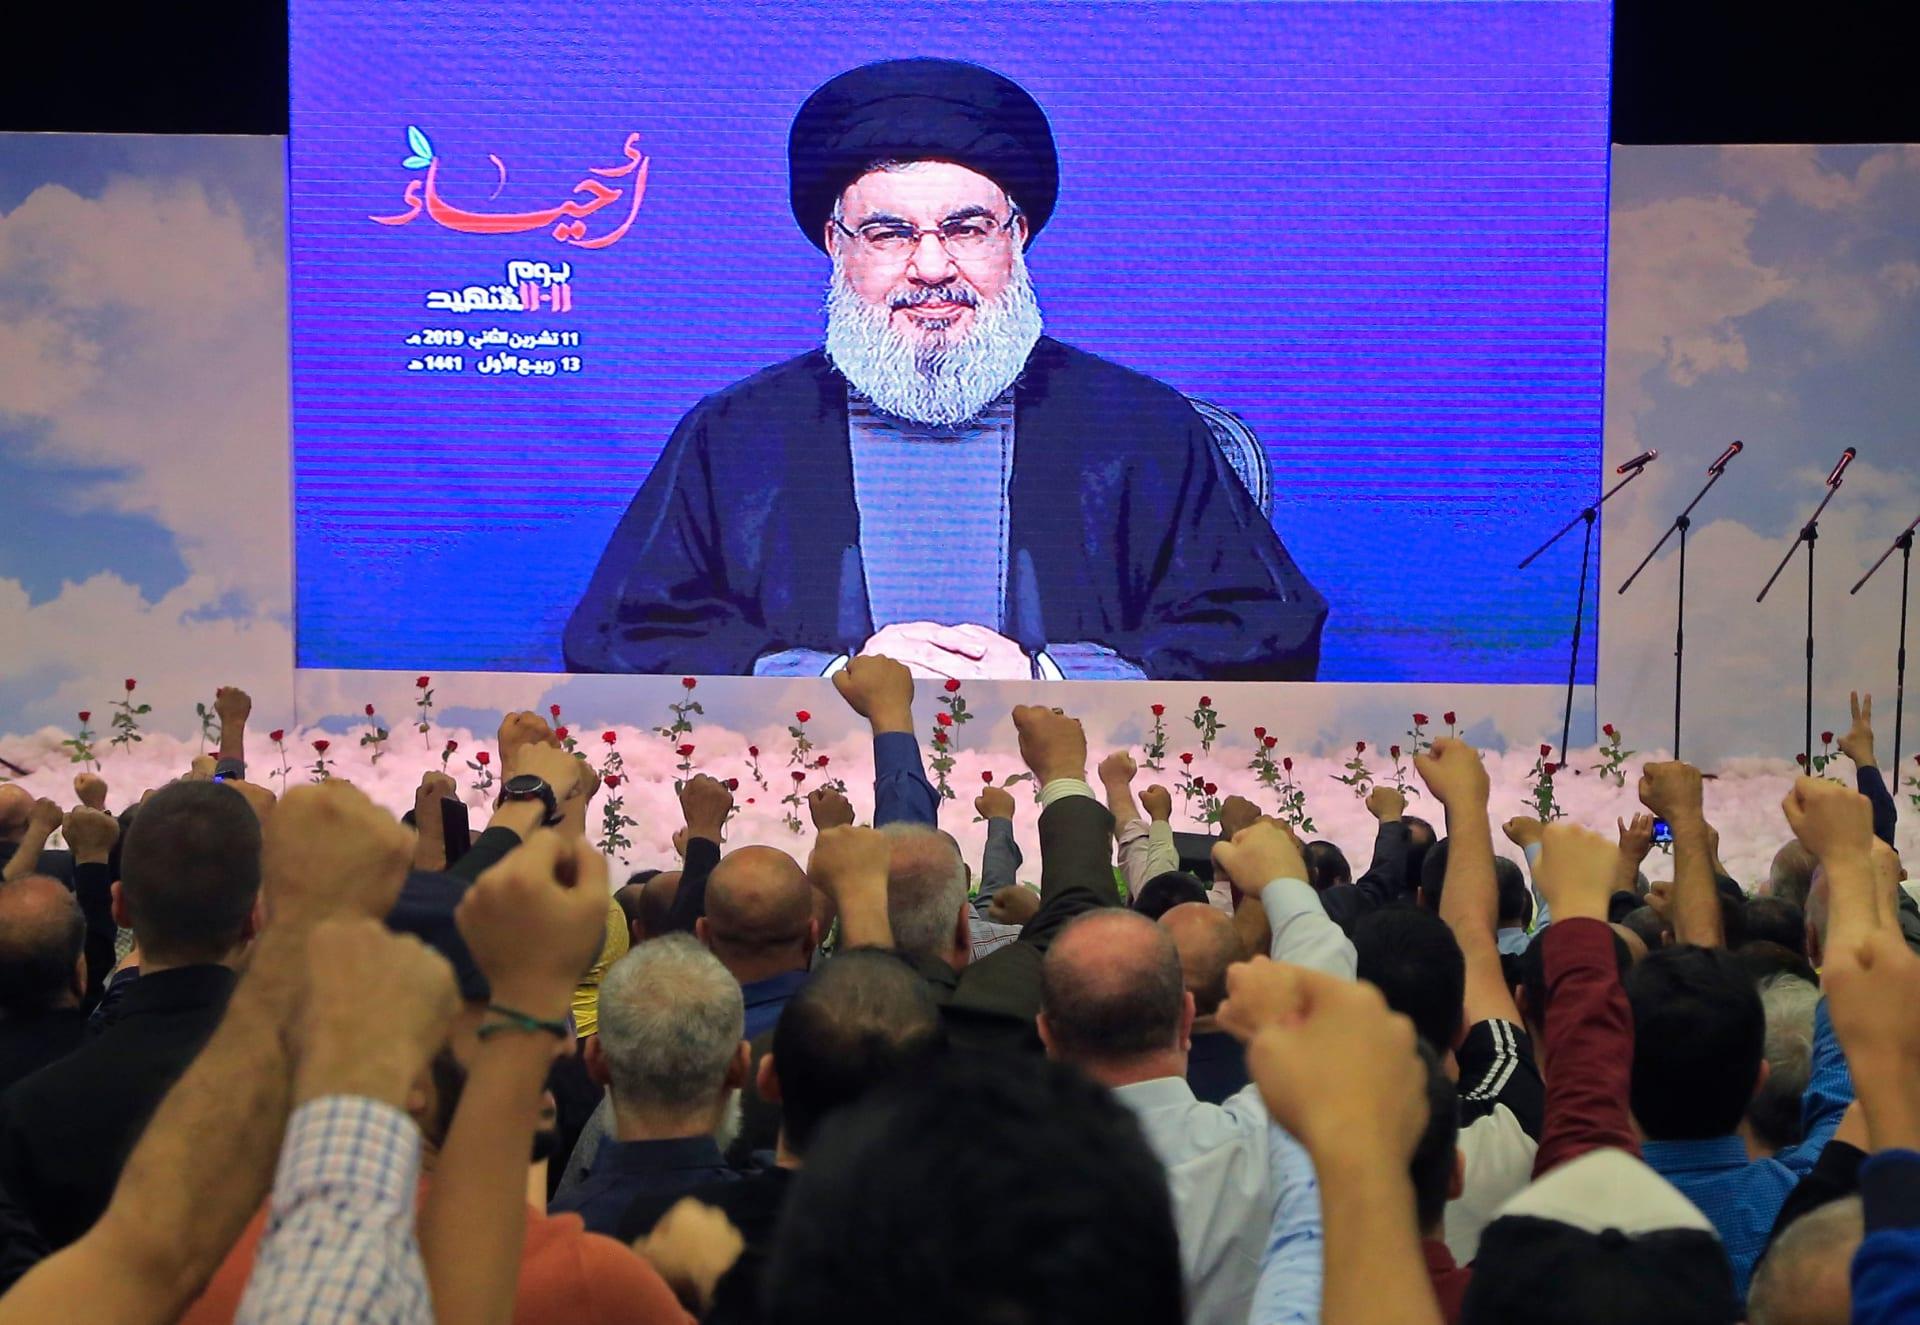 حسن نصرالله: حكومة الاختصاصيين لن تصمد دون غطاء سياسي.. وأعضاء الحزب لا يقبضون بالدولار